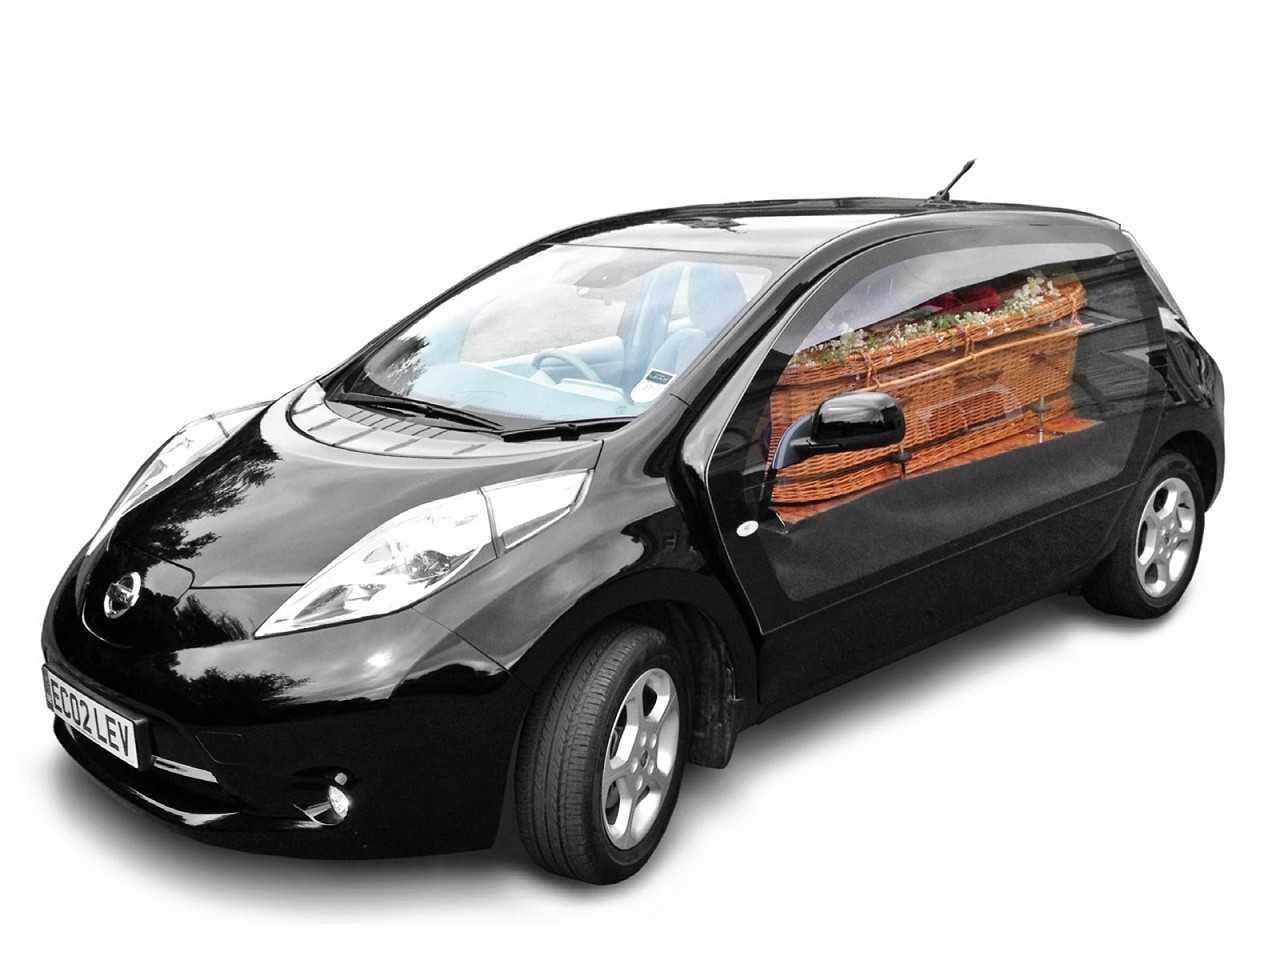 O Nissan Leaf transformado em rabecão: funeral ecológico